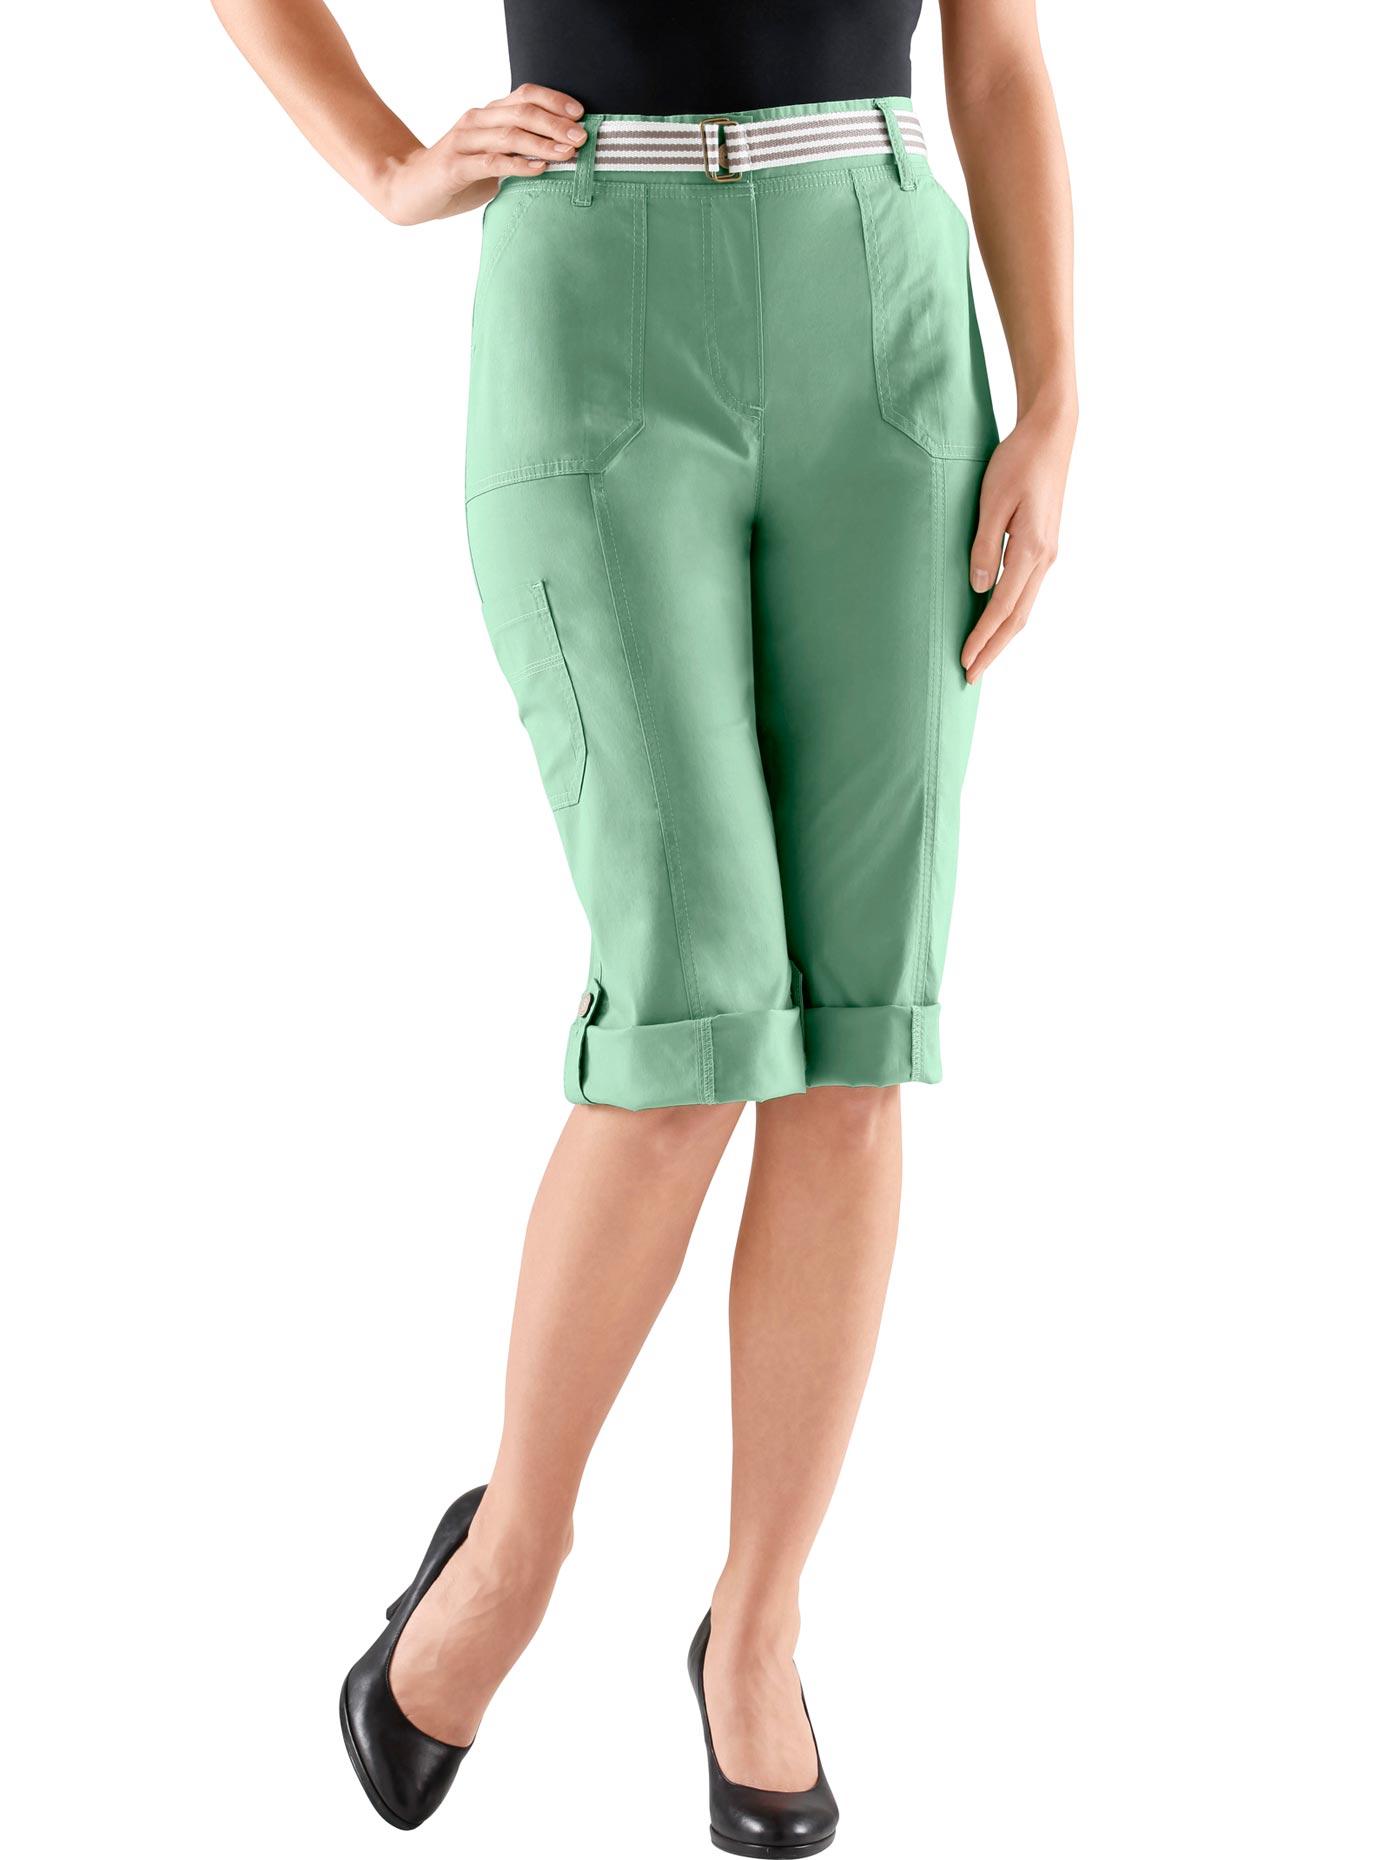 Casual Looks Capri-Hose mit figurfreundlicher Teilungsnaht vorne | Bekleidung > Hosen > Caprihosen | Grün | Casual Looks